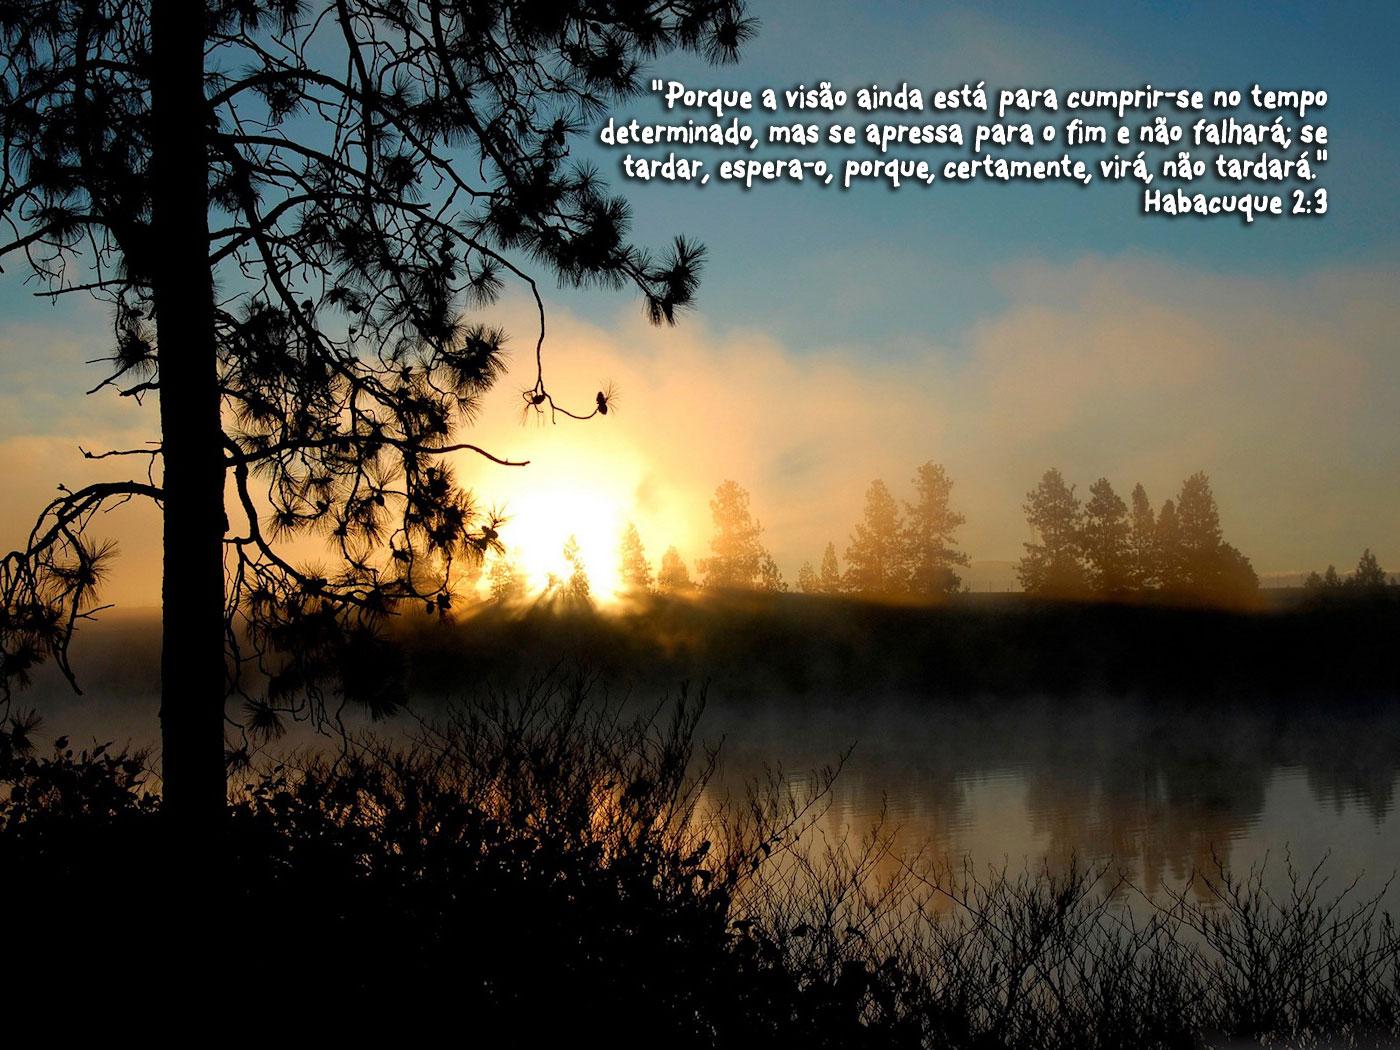 Persevere Em Oração Que Deus Irá Cumprir: Devocional Diário